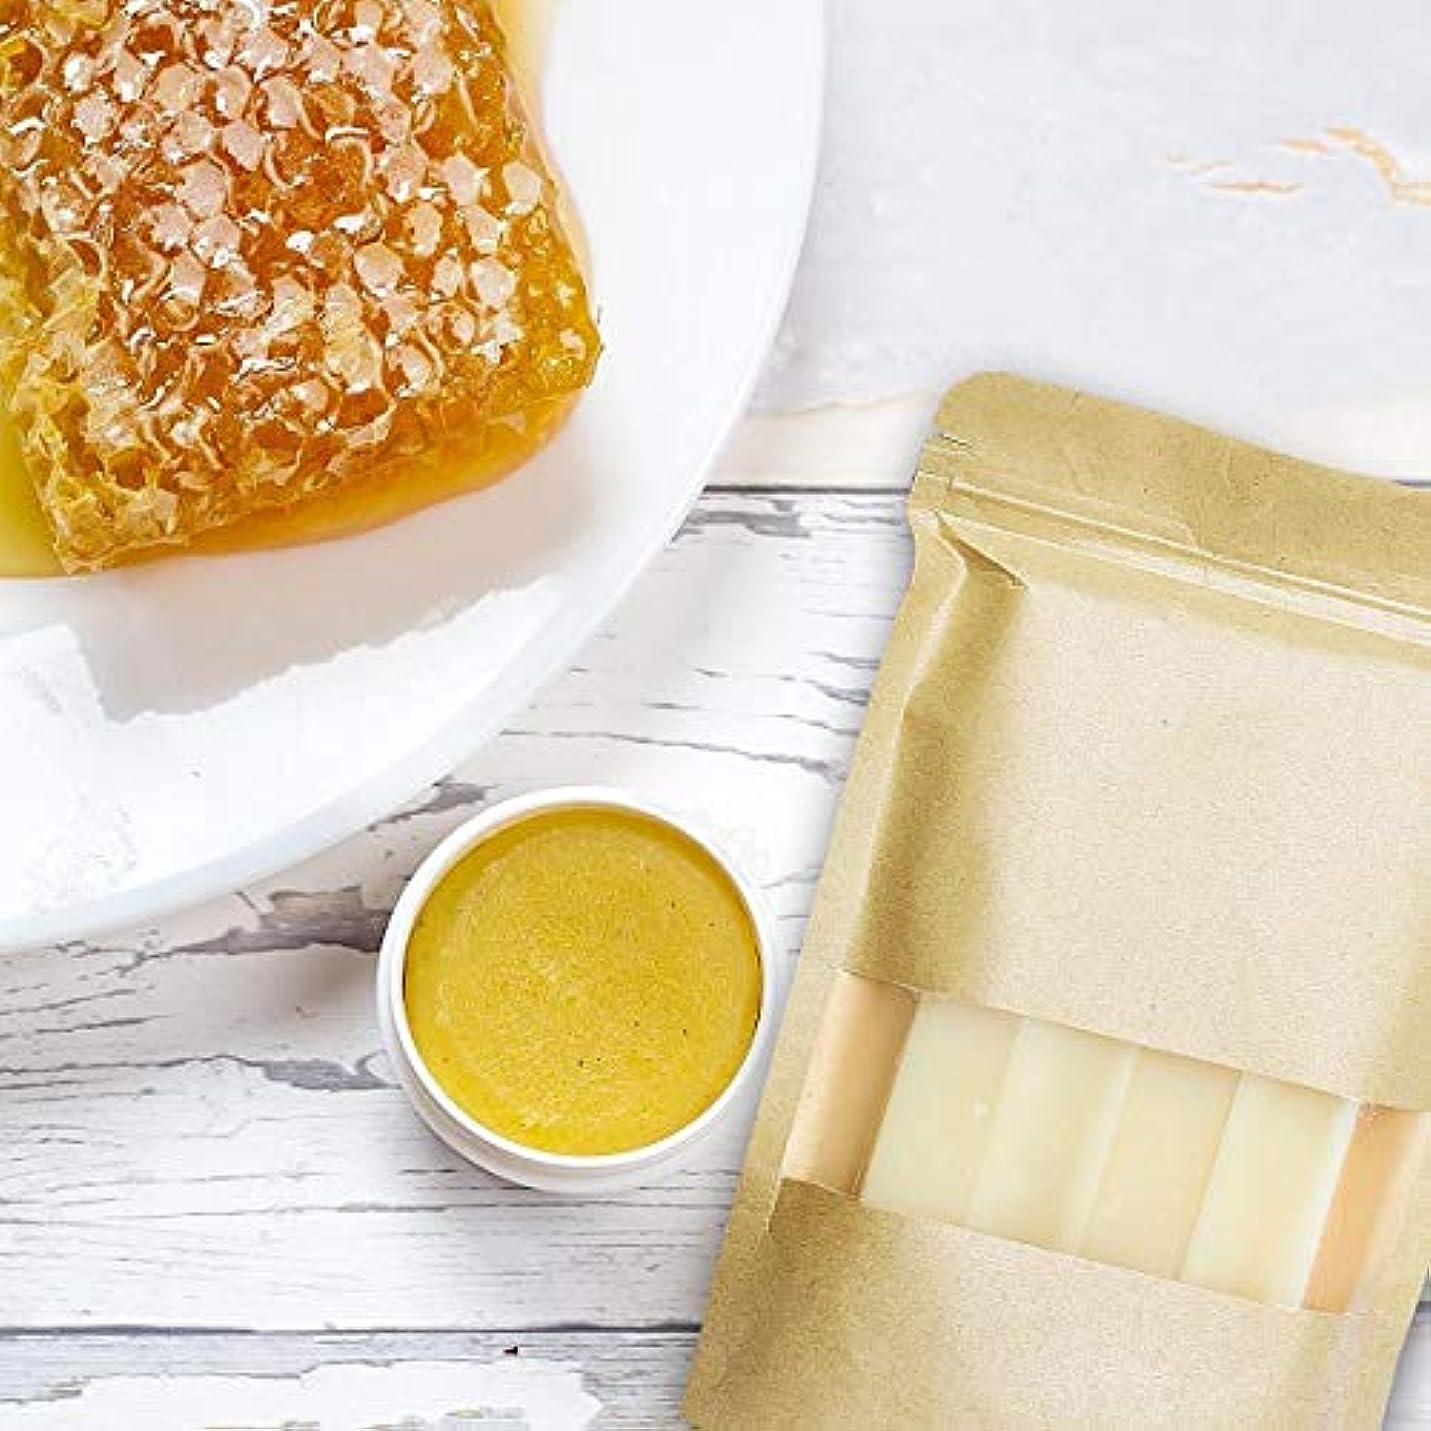 うなるサワーコンベンションLucy Day 自然食品グレードホワイト蜜蝋ワックスブロック